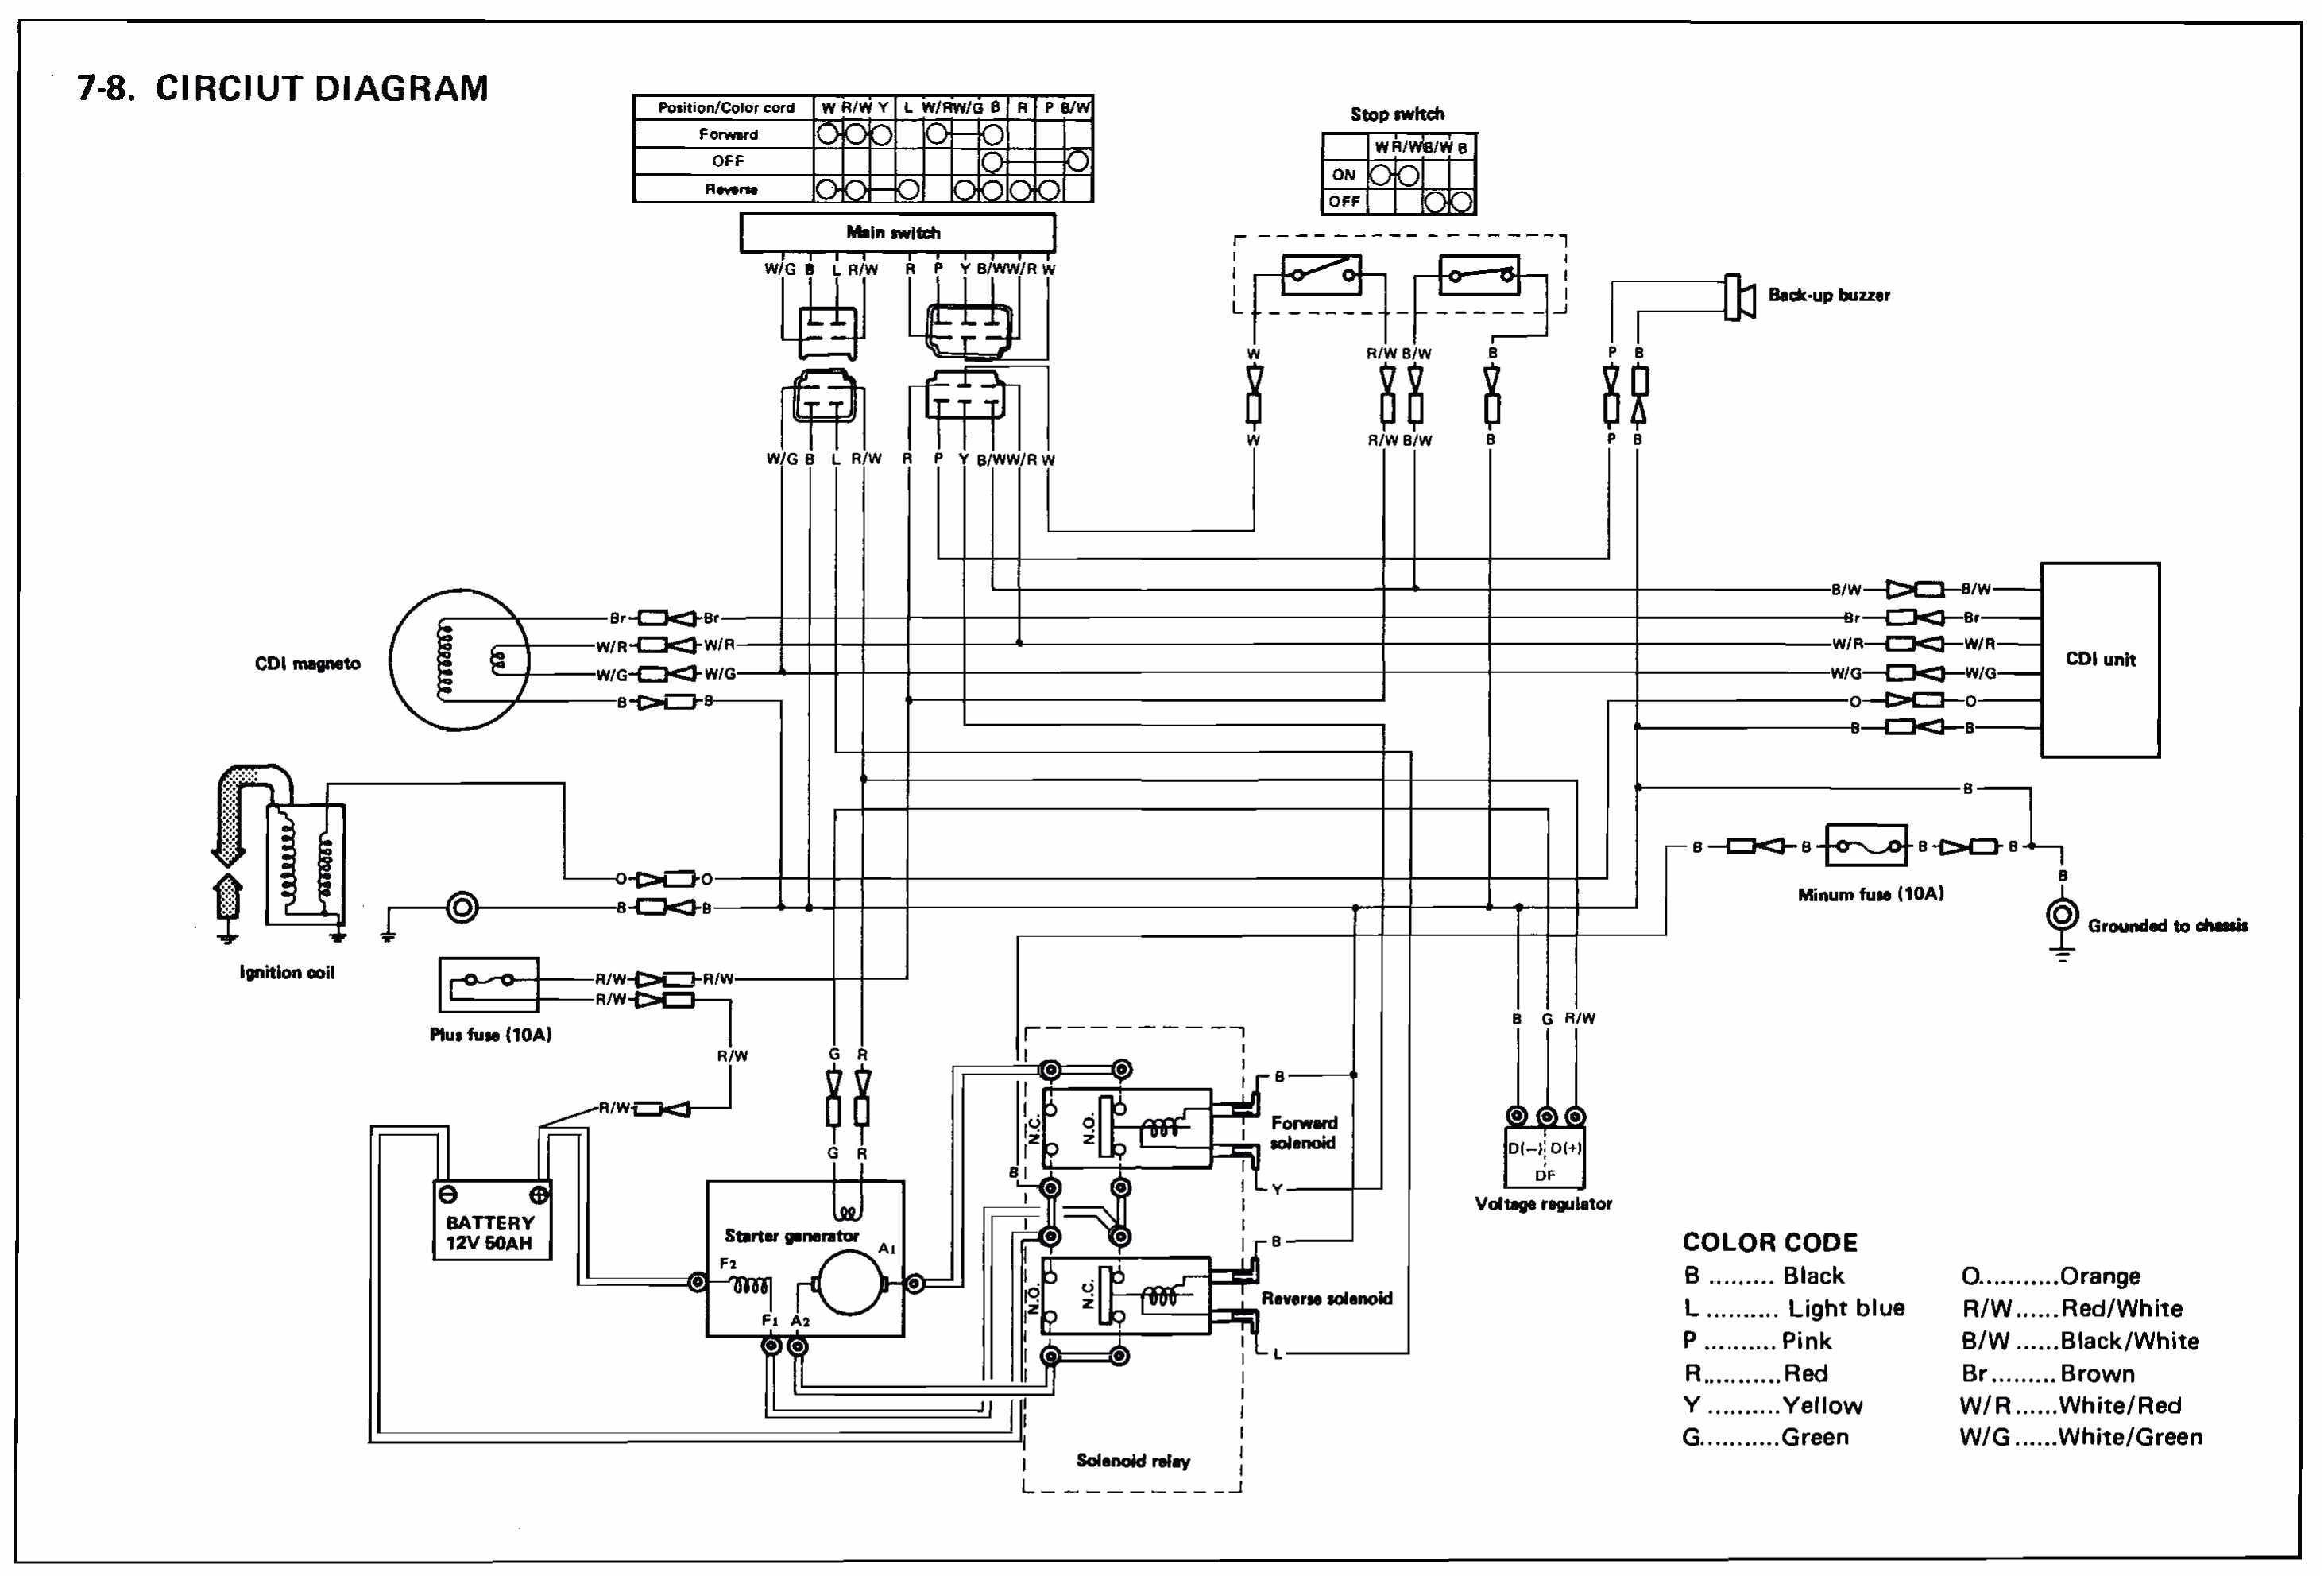 wiring diagram 2005 yamaha kodiak 450 wiring diagram longkodiak 450 wiring diagram wiring diagram load wiring